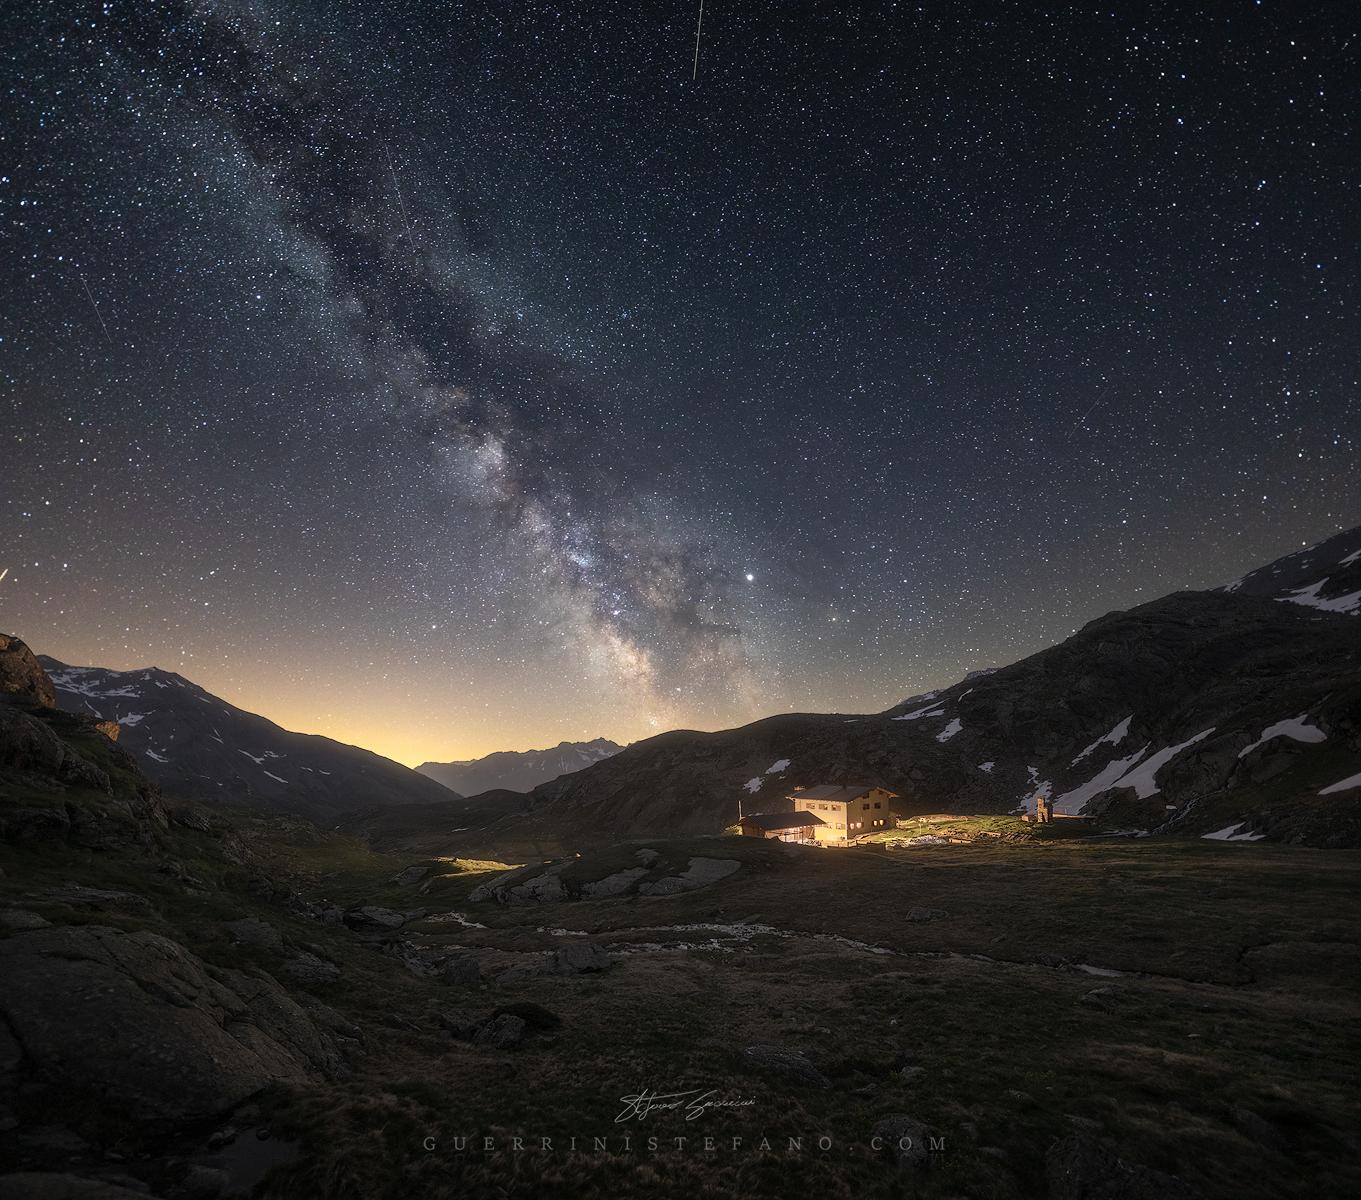 MilkyWay Rifugio Dorigoni val di Rabbi Trentino Guerrini Stefano